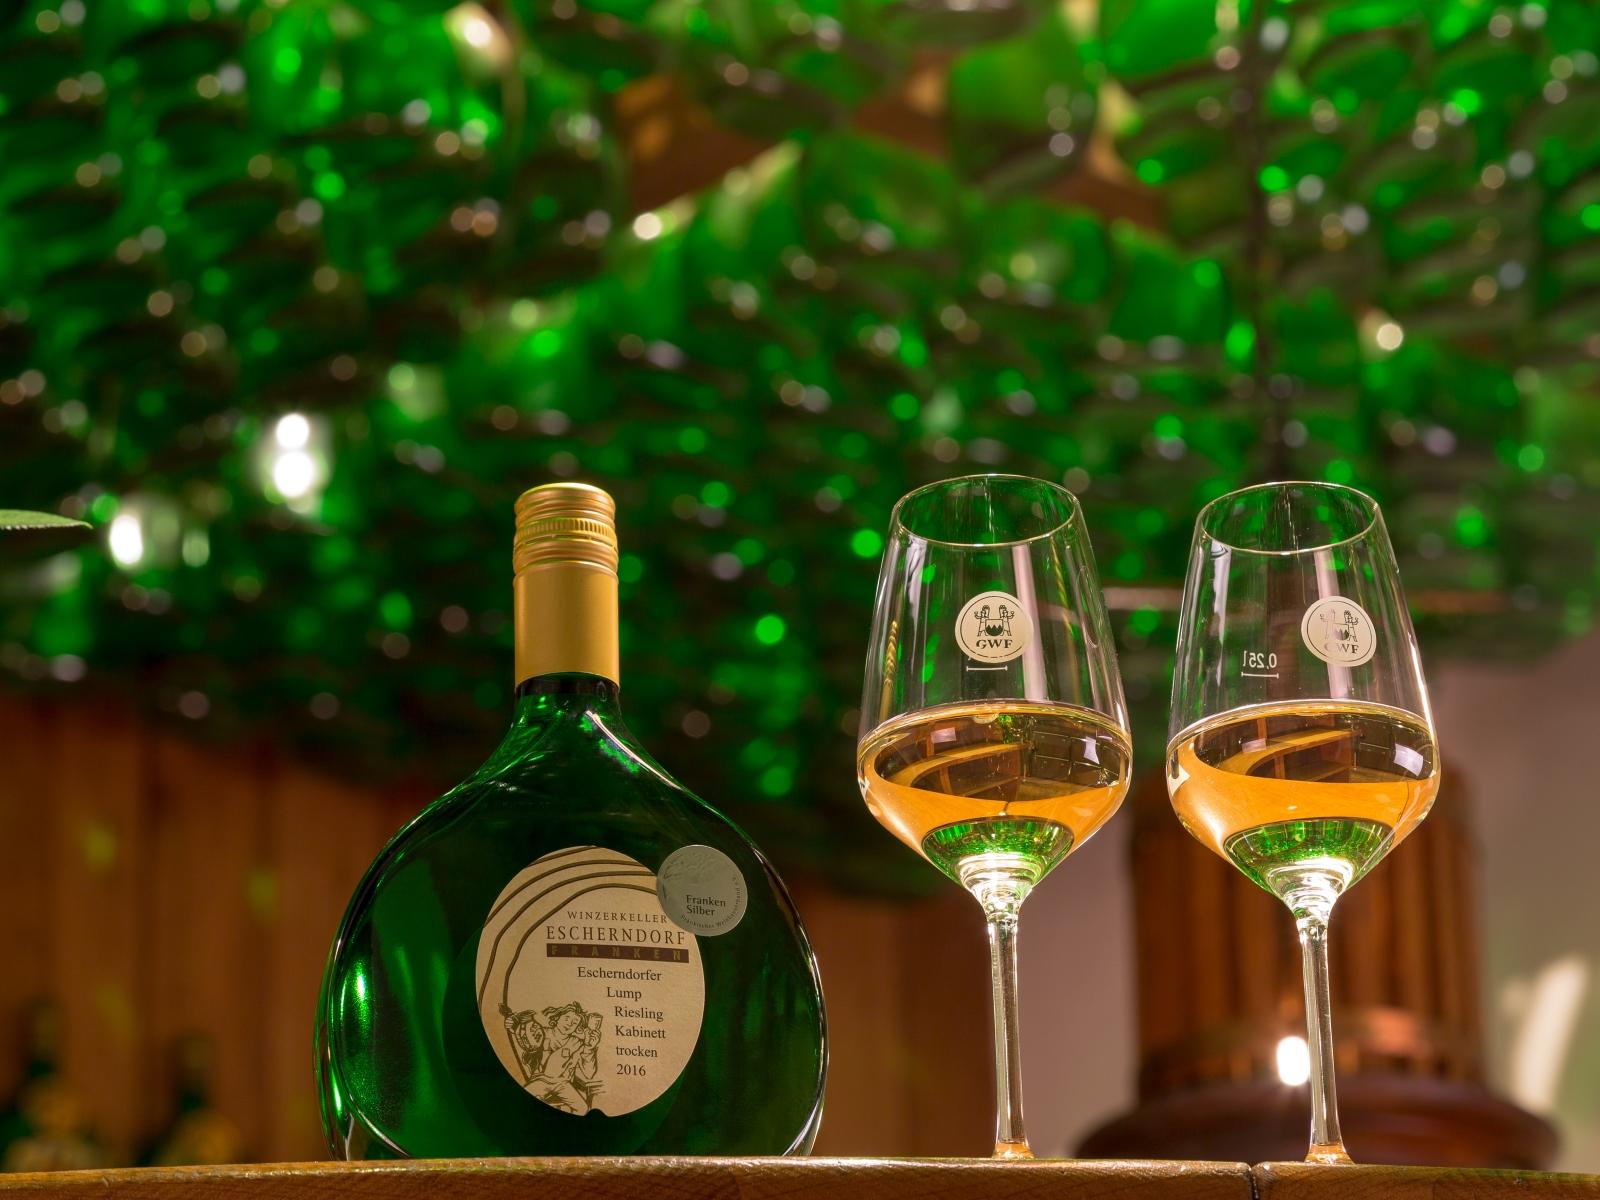 Weinprobe in der Bocksbeutelbar des Winzerkellers Escherndorf